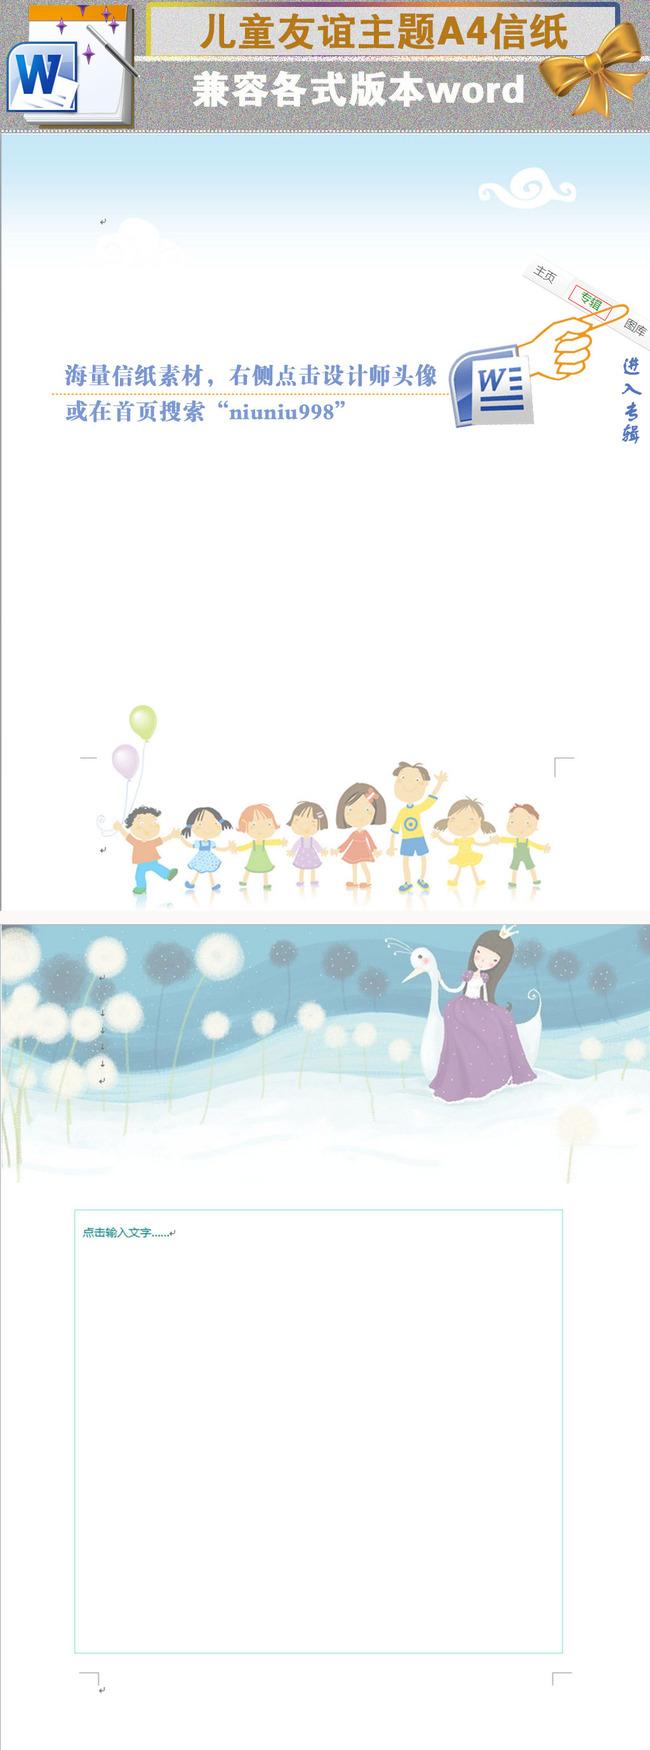 关键词:可爱卡通 儿童友谊信纸 蓝天白云边框word 儿童手牵手边框 底边 背景图 word2003 幼儿园信纸 骑天鹅的小女孩 公主 信笺纸 word花边 A4信纸模板 说明:可爱卡通儿童友谊主题A4信纸模板